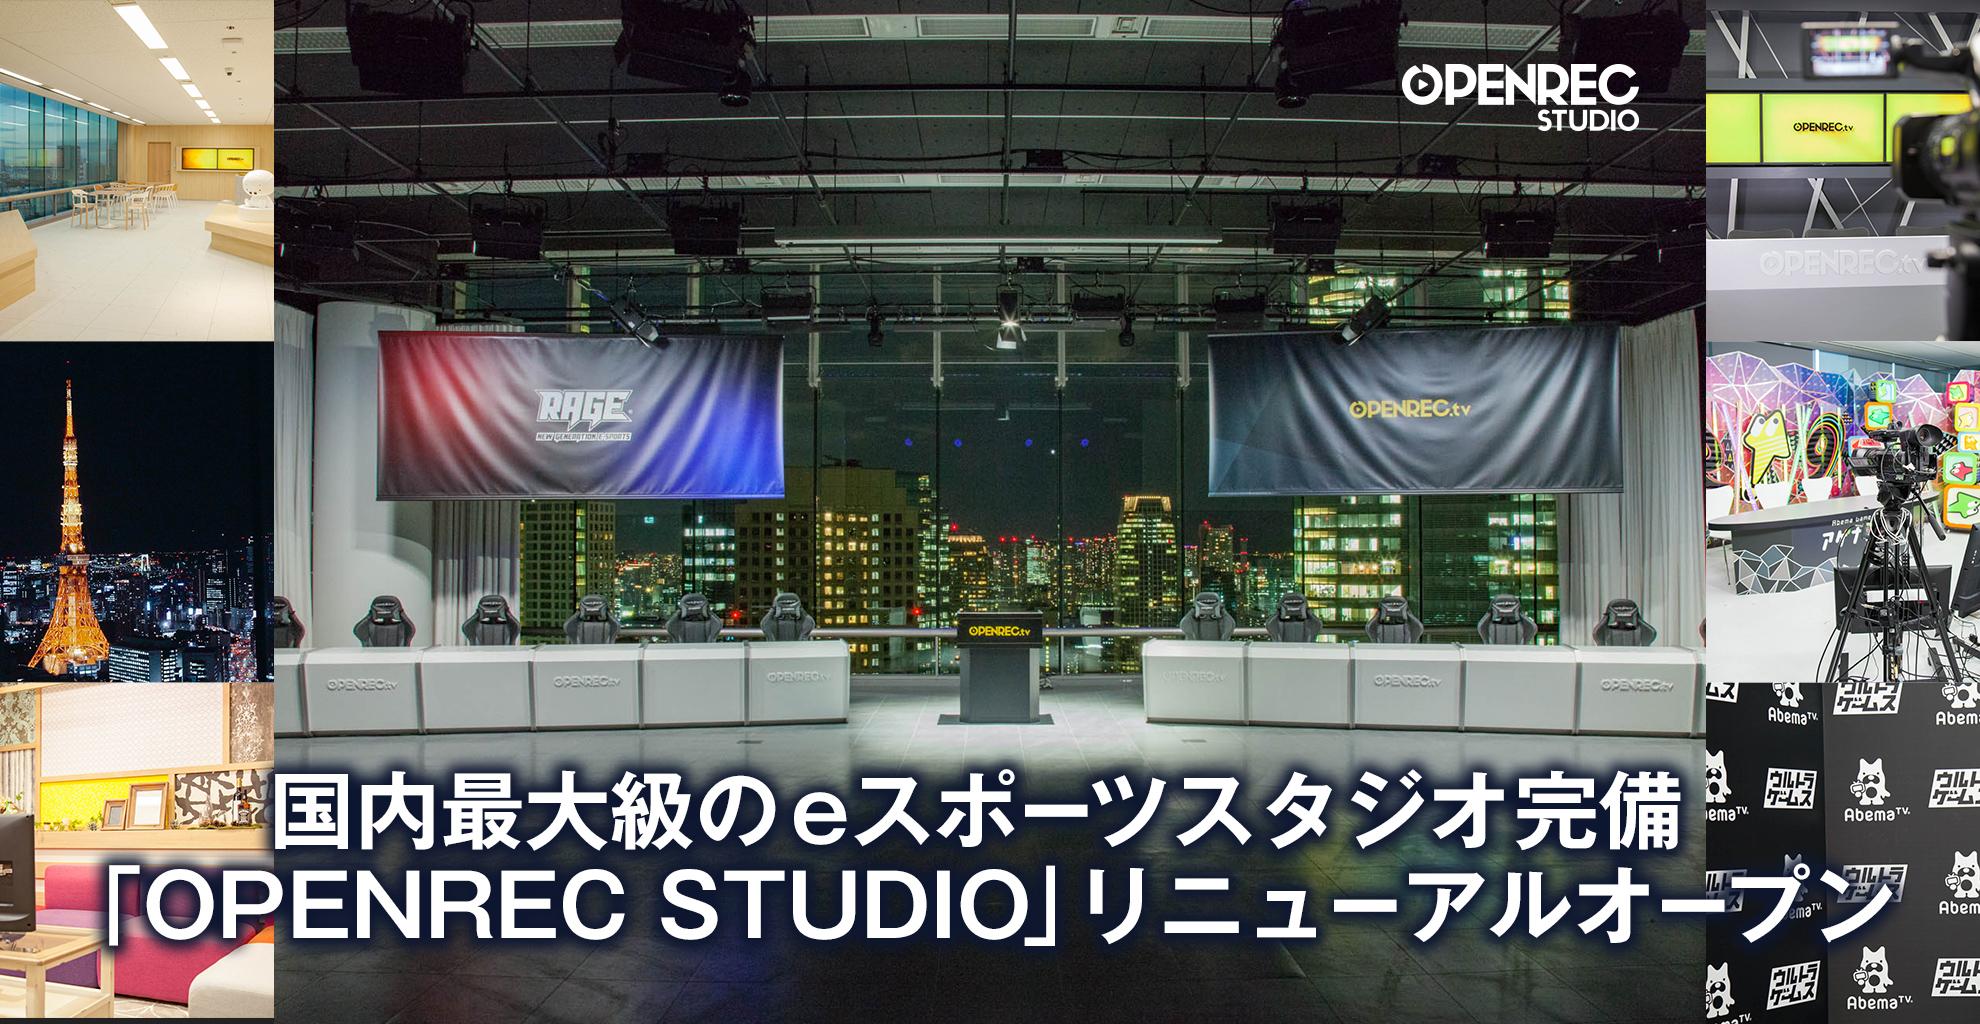 国内最大級のeスポーツスタジオを完備した「OPENREC STUDIO」をリニューアルオープン!